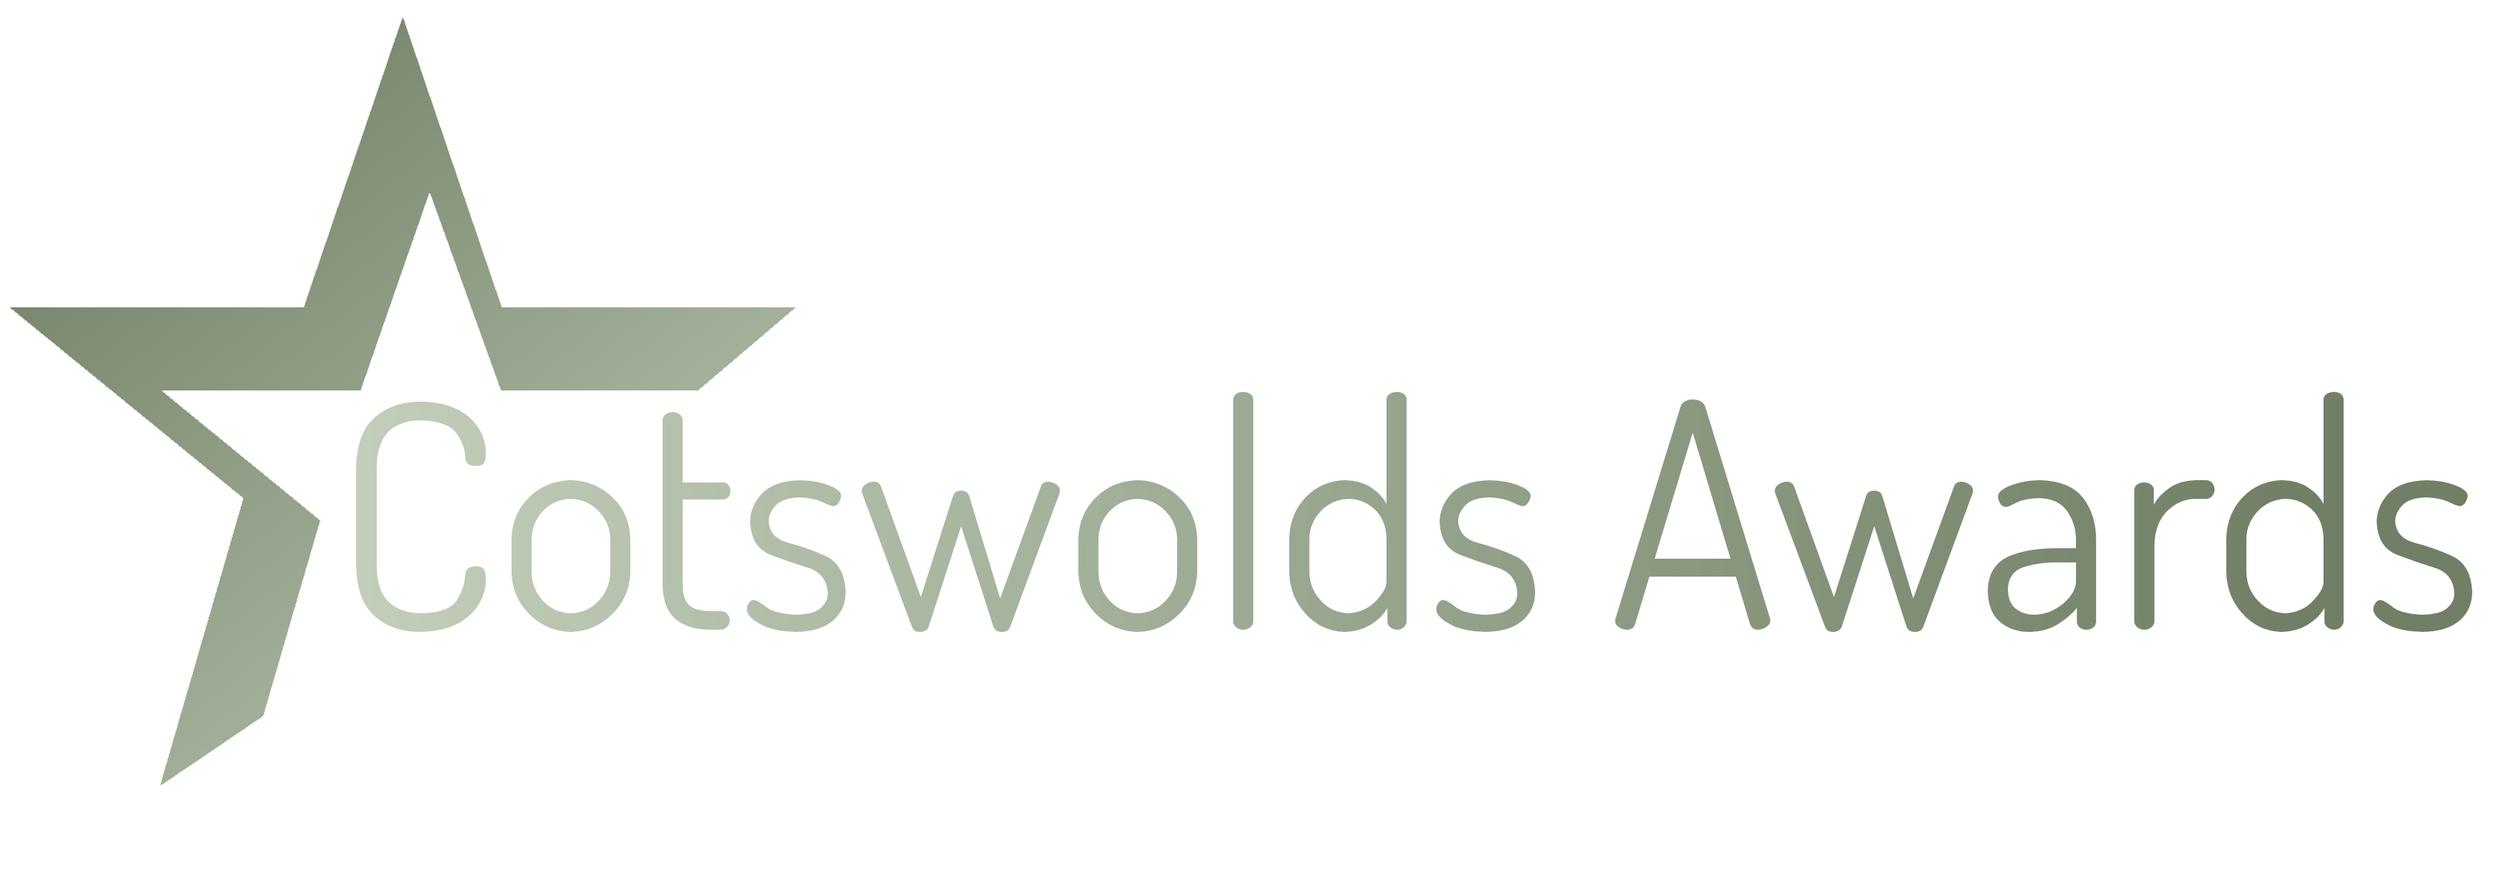 cotwsold awards logo.png